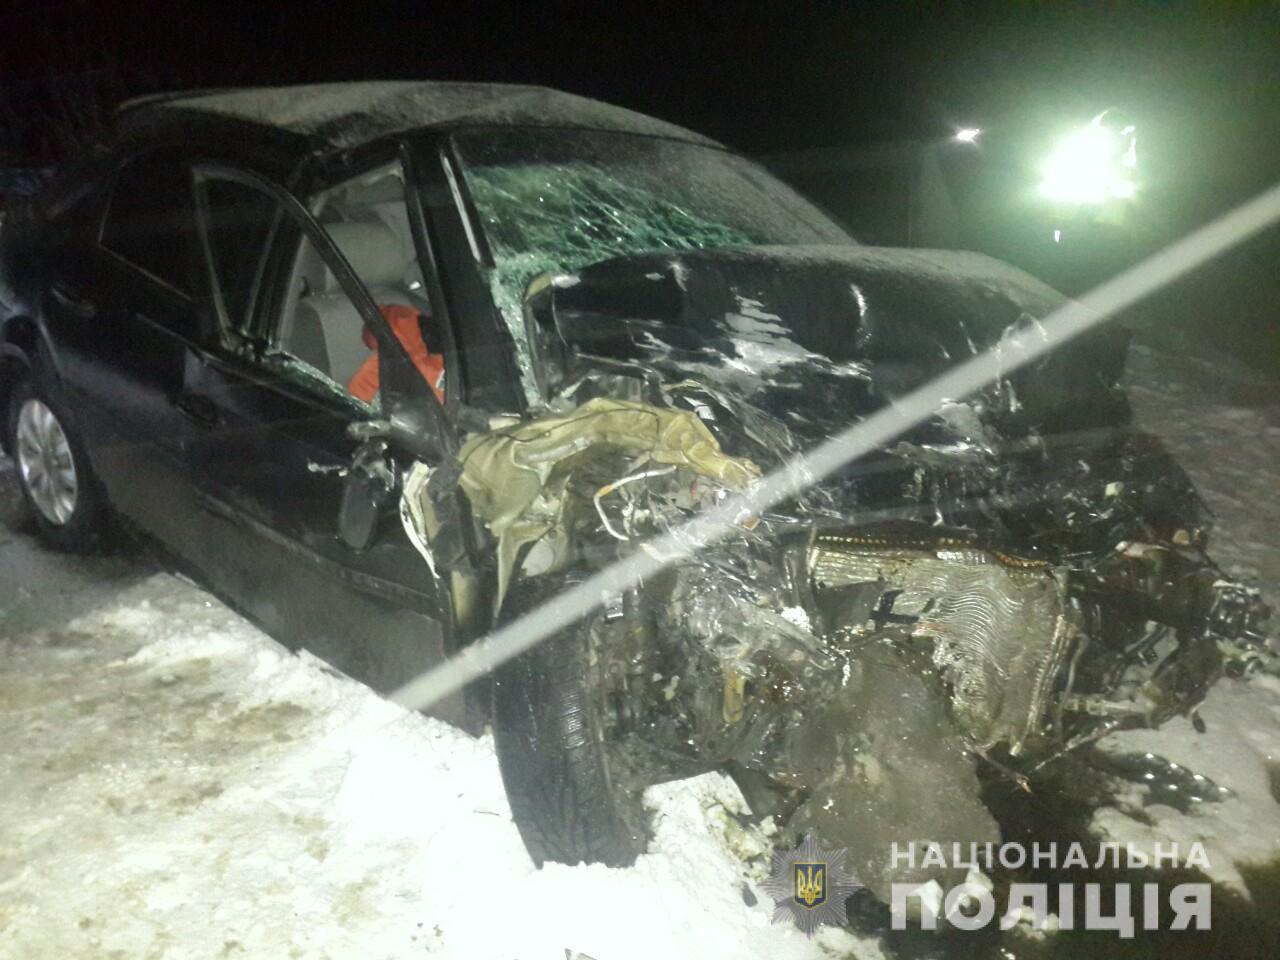 Появились подробности о ДТП в Запорожской области, в котором погиб пассажир и пострадали дети (Фото)